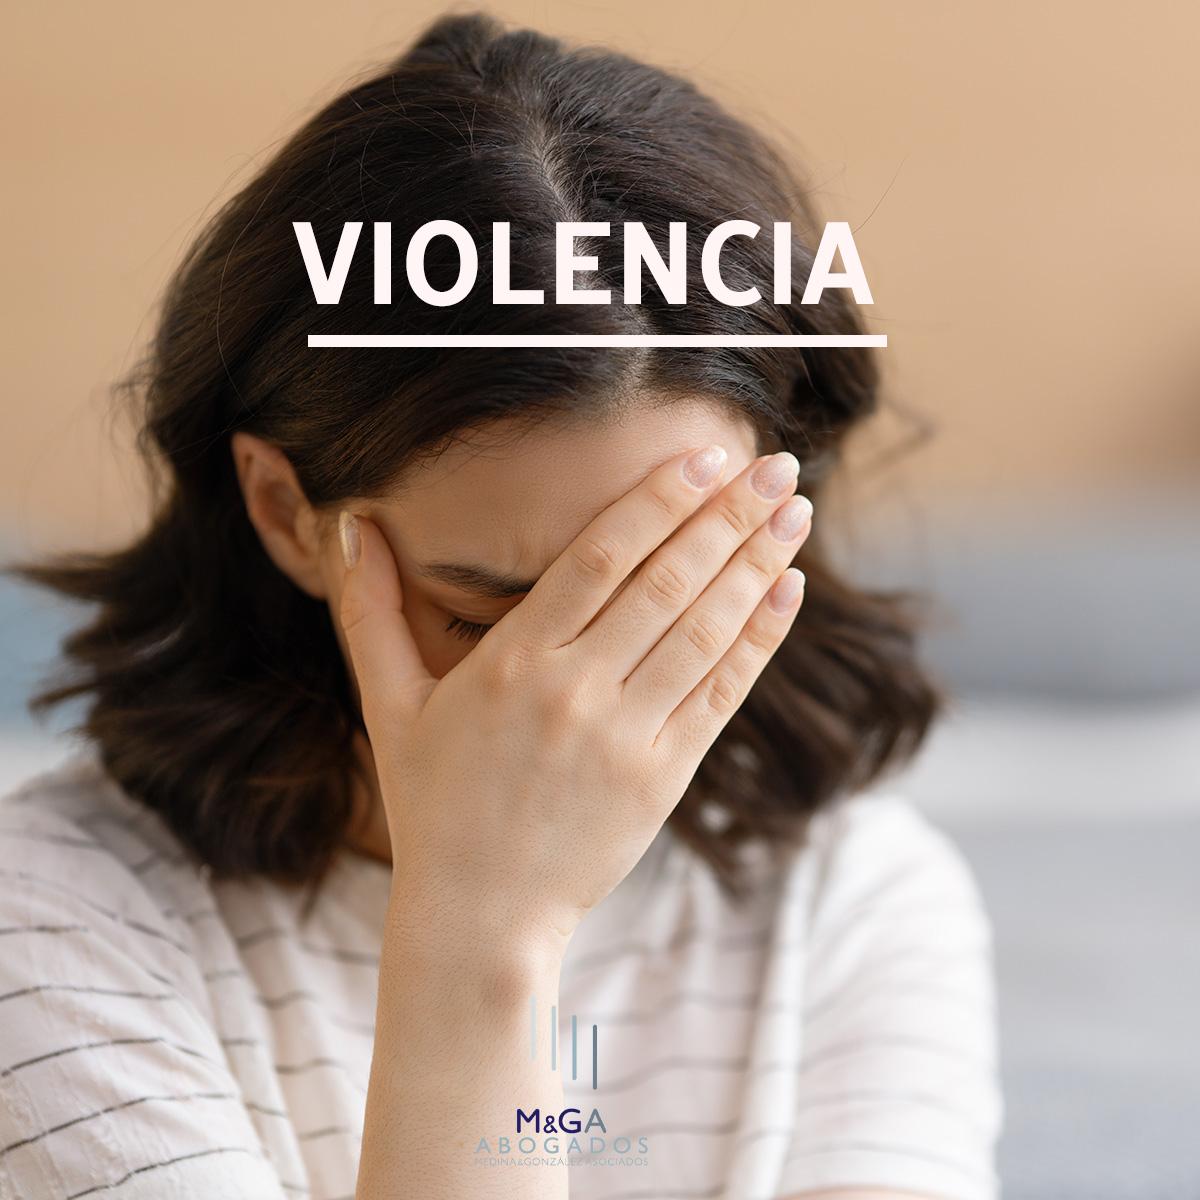 Una mujer de 44 años con hijos que vive con su agresor, perfil medio de las asesinadas por violencia machista